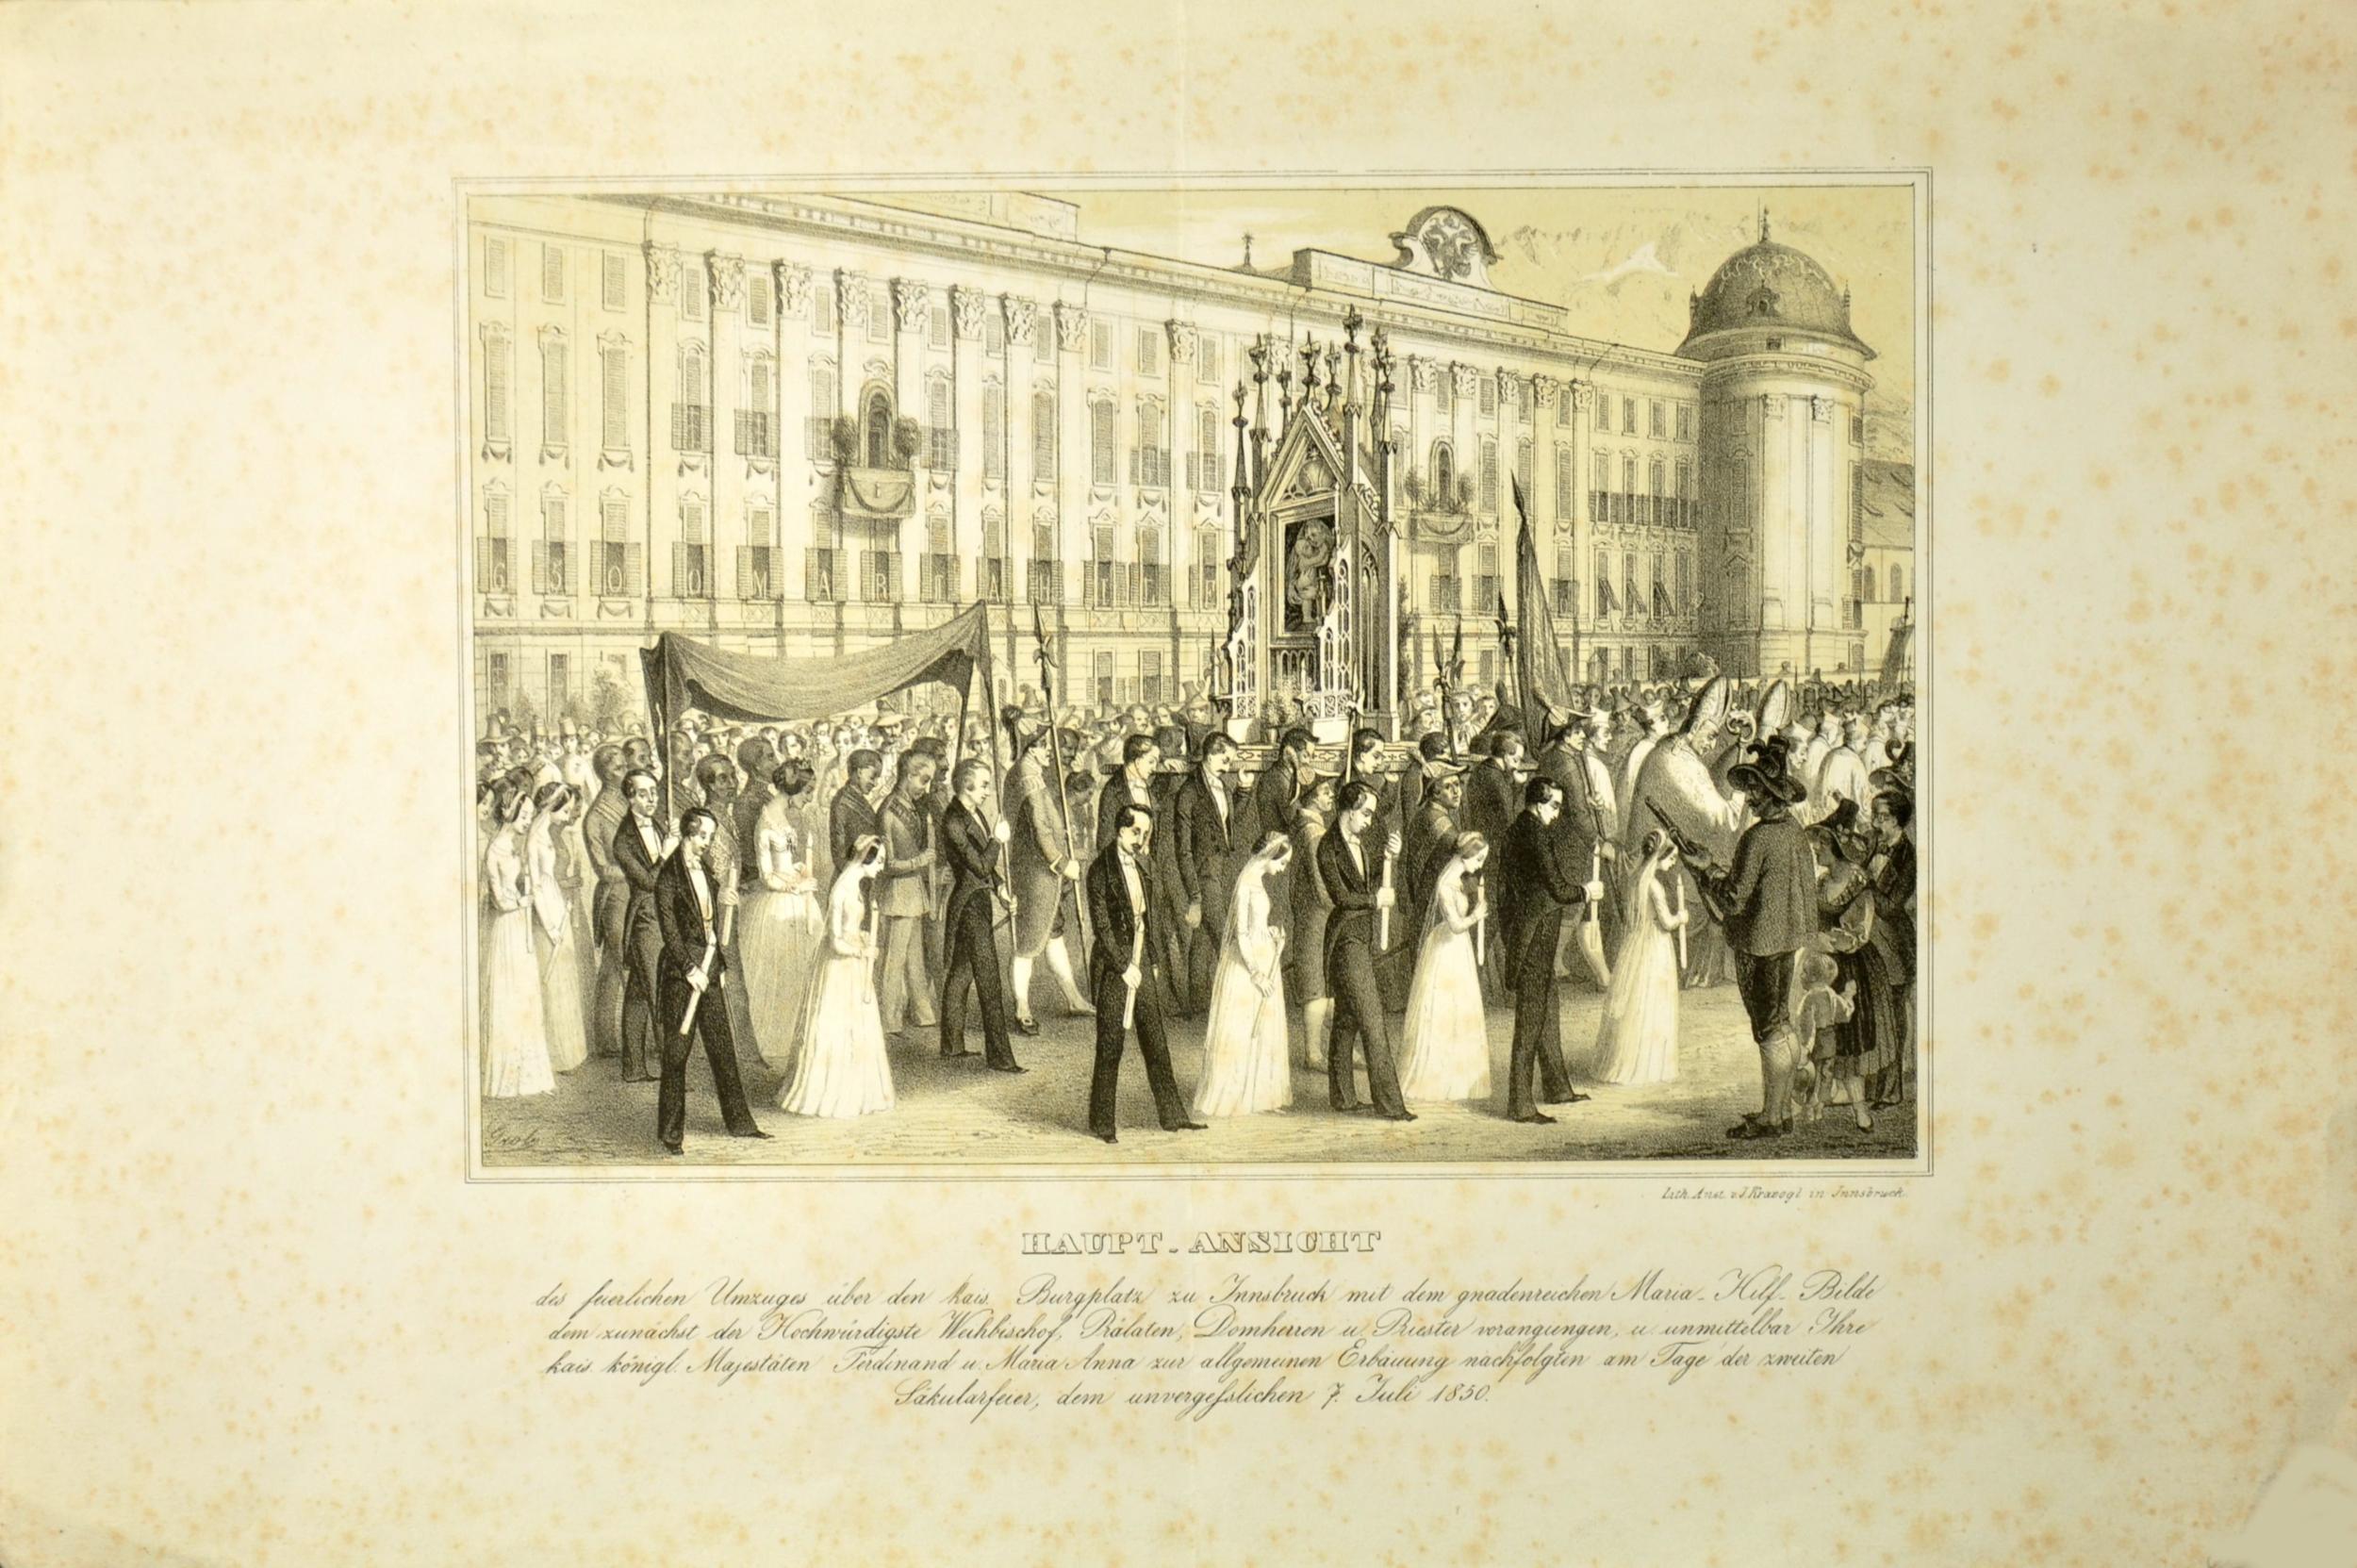 Ein Feierlicher Umzug Anno 1850